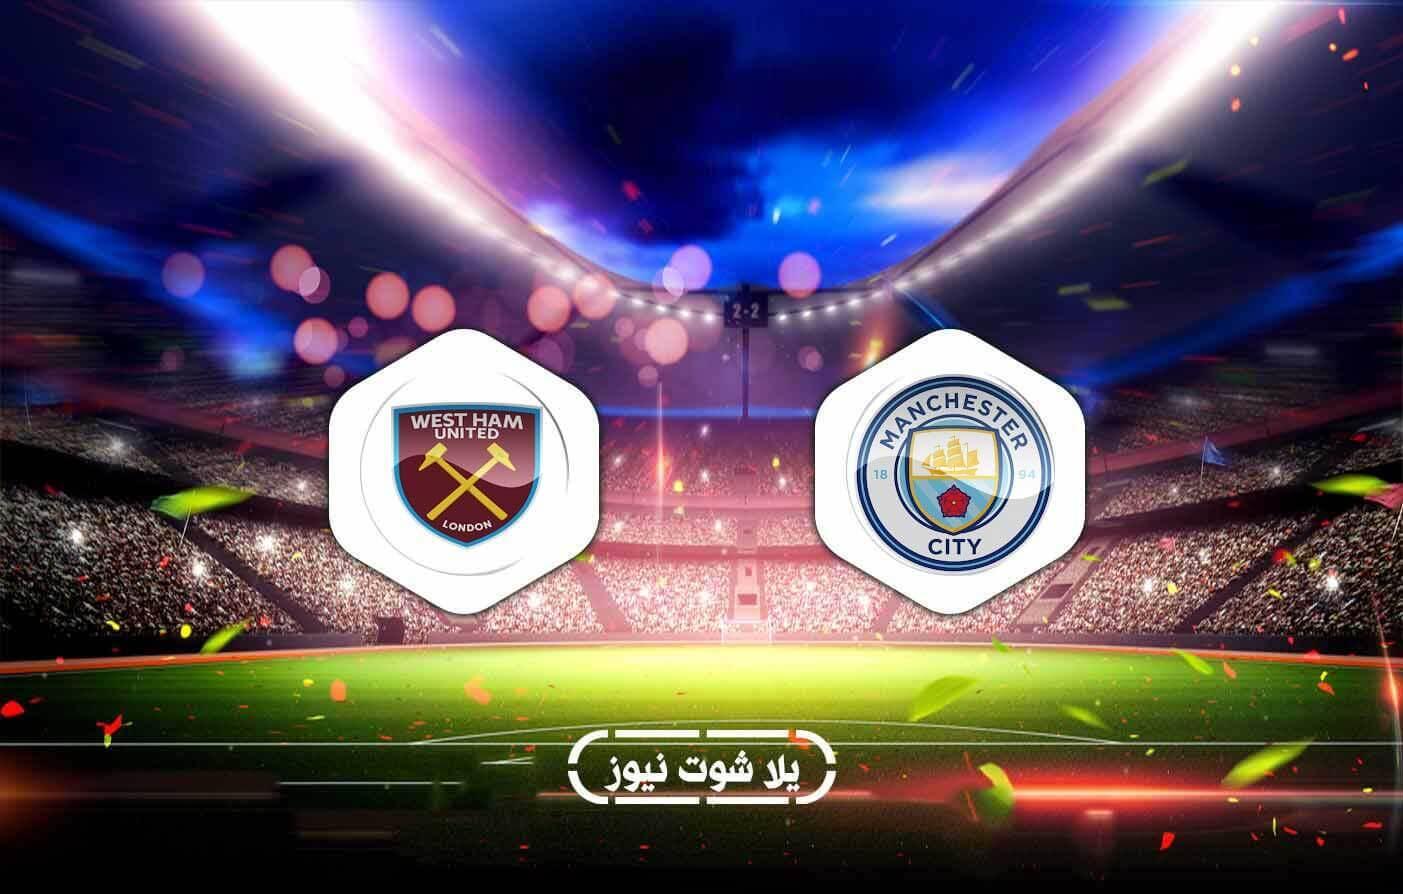 ملخص مباراة وست هام يونايتد 1-1 مانشستر سيتي بتاريخ 2020-10-24 الدوري الانجليزي